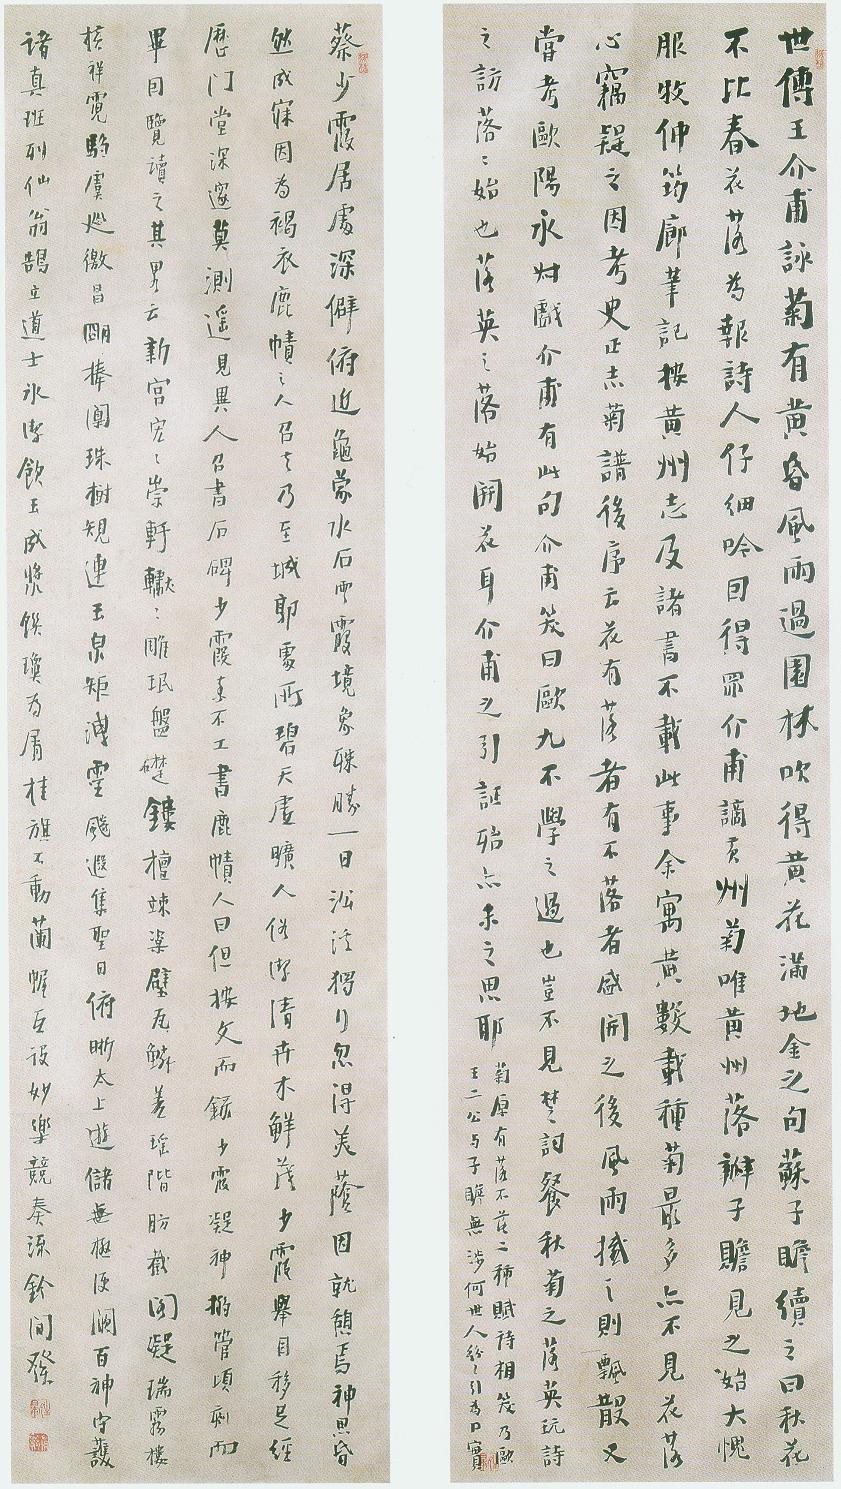 龚晴皋书法作品欣赏 - 老排长 - 老排长(6660409)